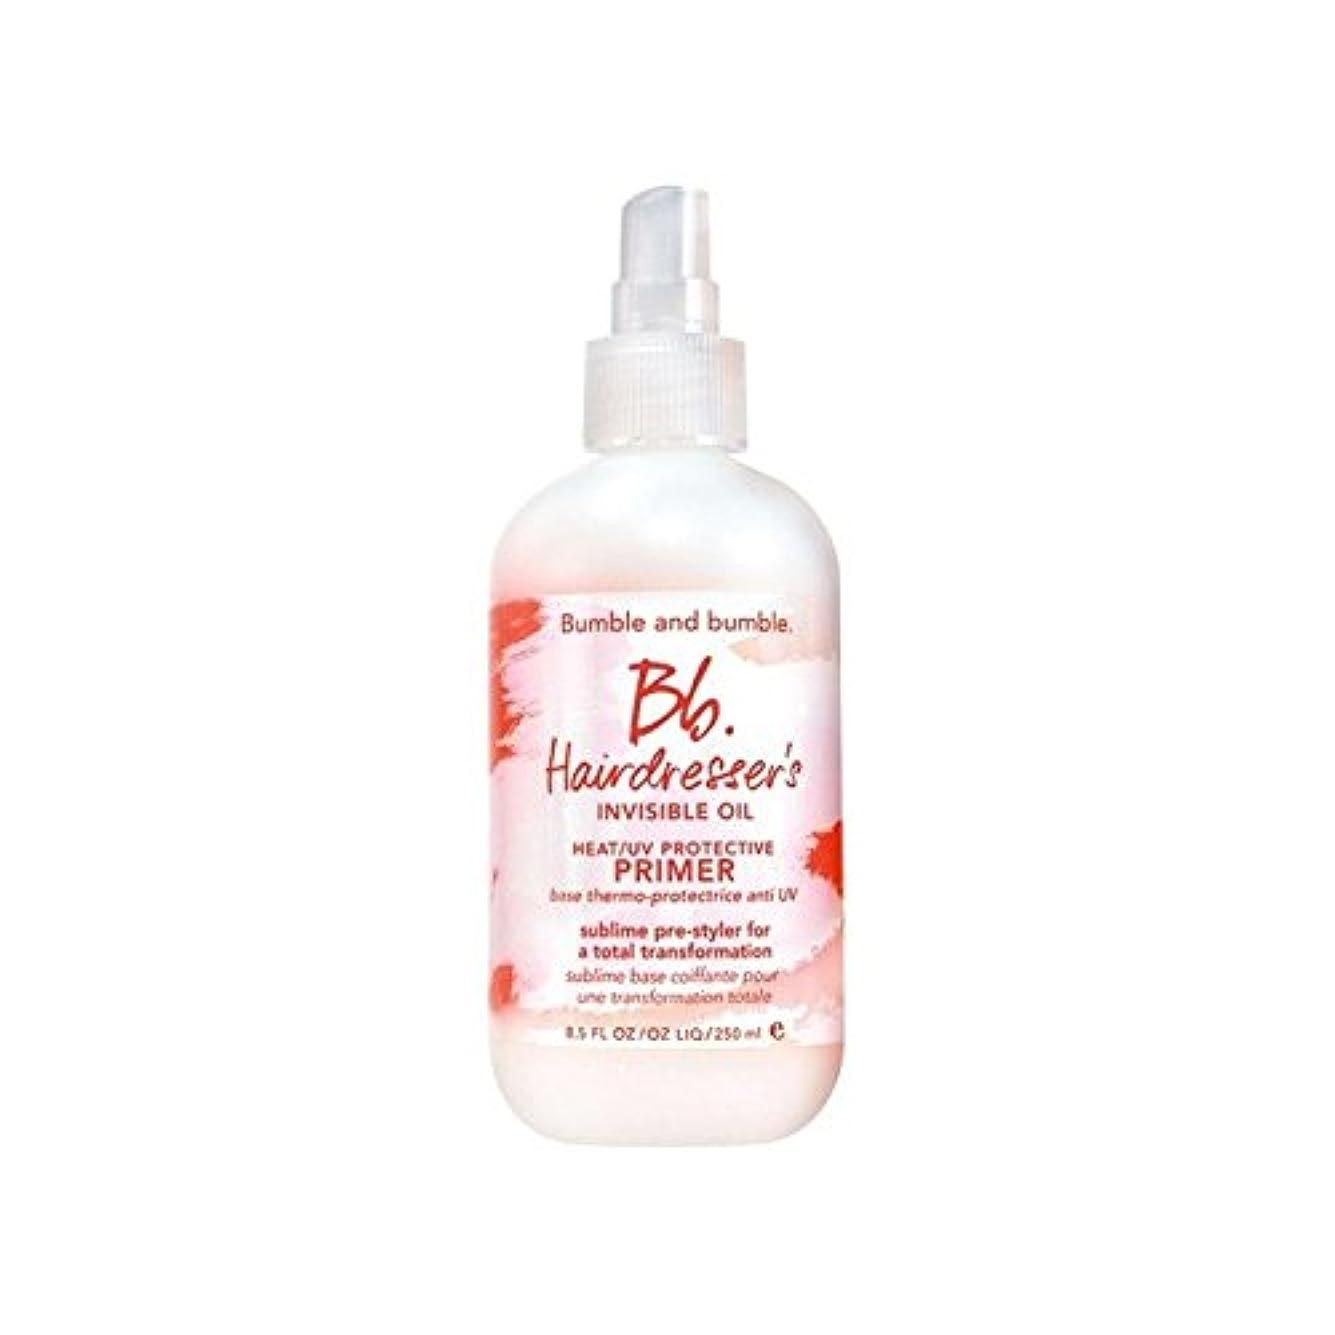 分岐するホスト対応するBumble & Bumble Hairdressers Invisible Oil Heat/Uv Protective Primer (250ml) - 美容見えないオイル熱/ 保護プライマー(250ミリリットル)...